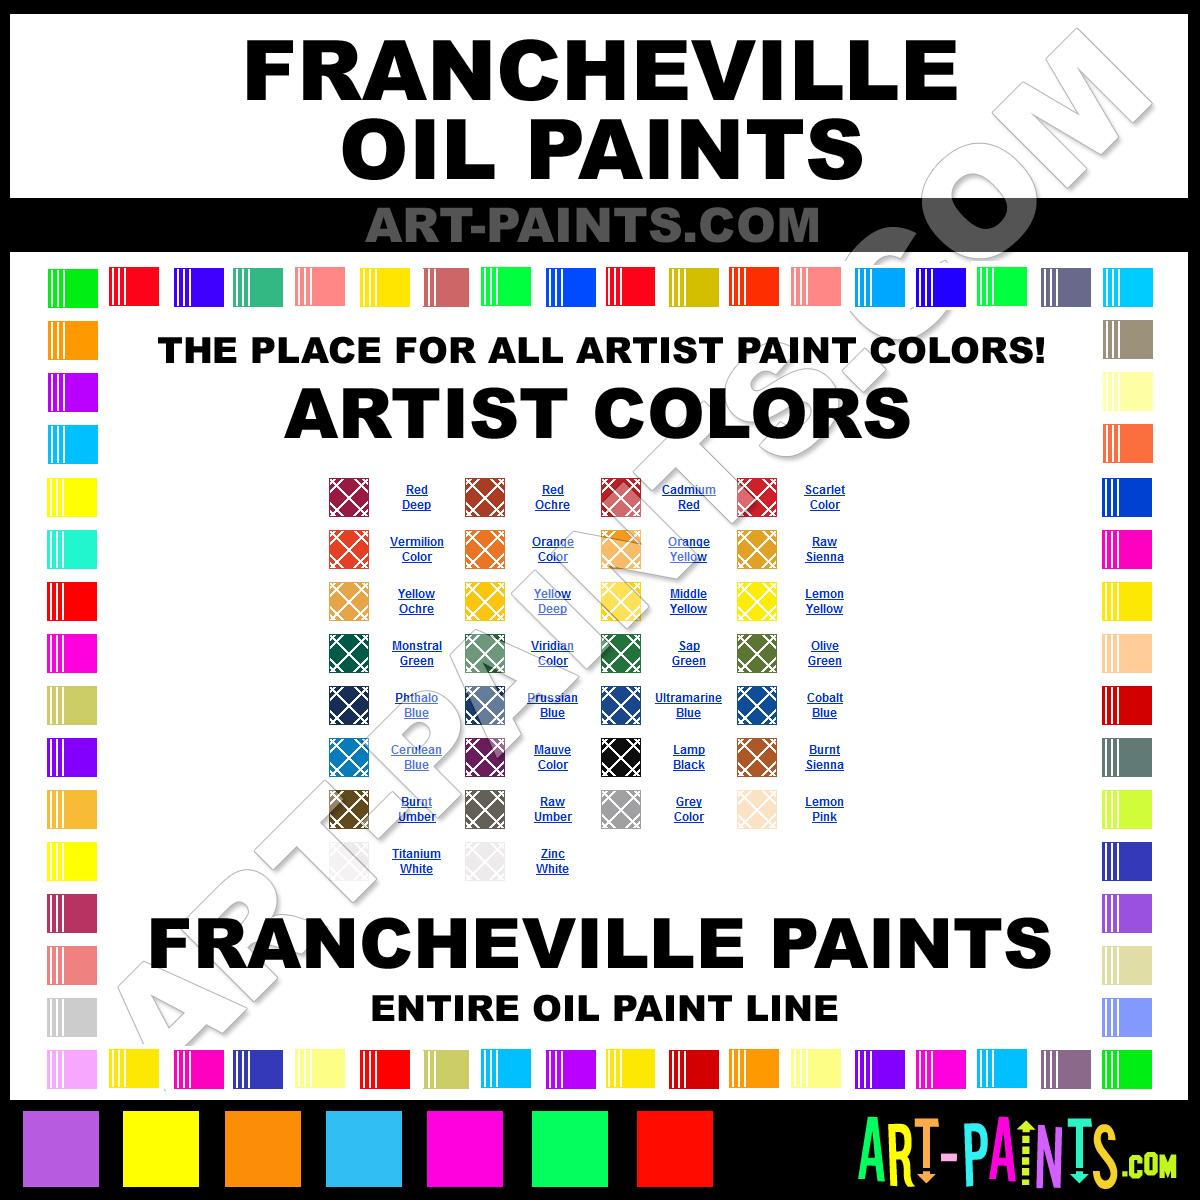 Paint Colors And Brands: Francheville Oil Paint Brands